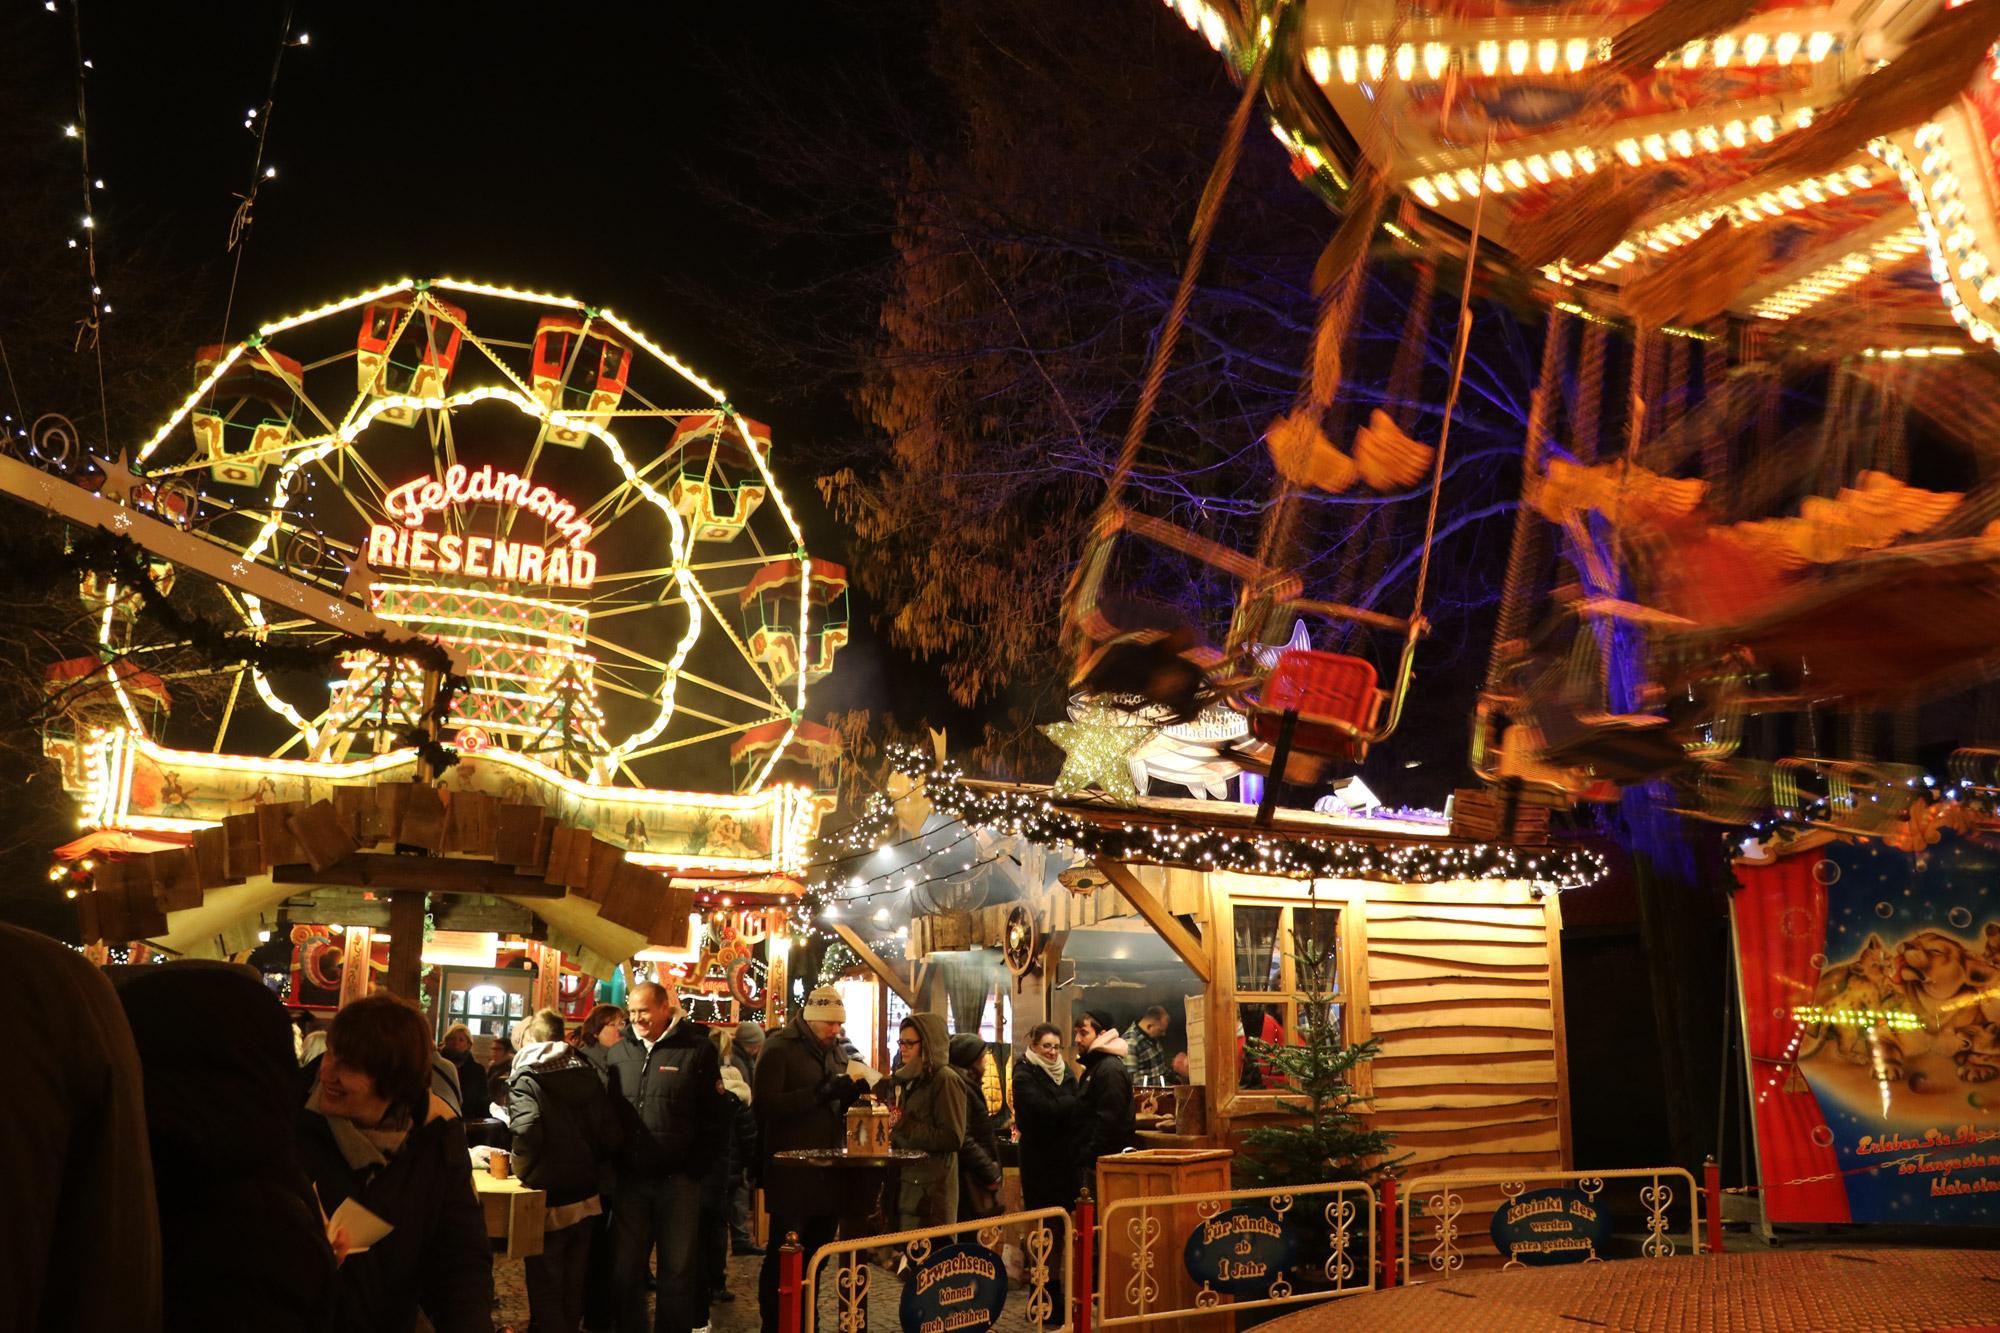 Bielefeld kerstmarkt - Attracties voor kinderen